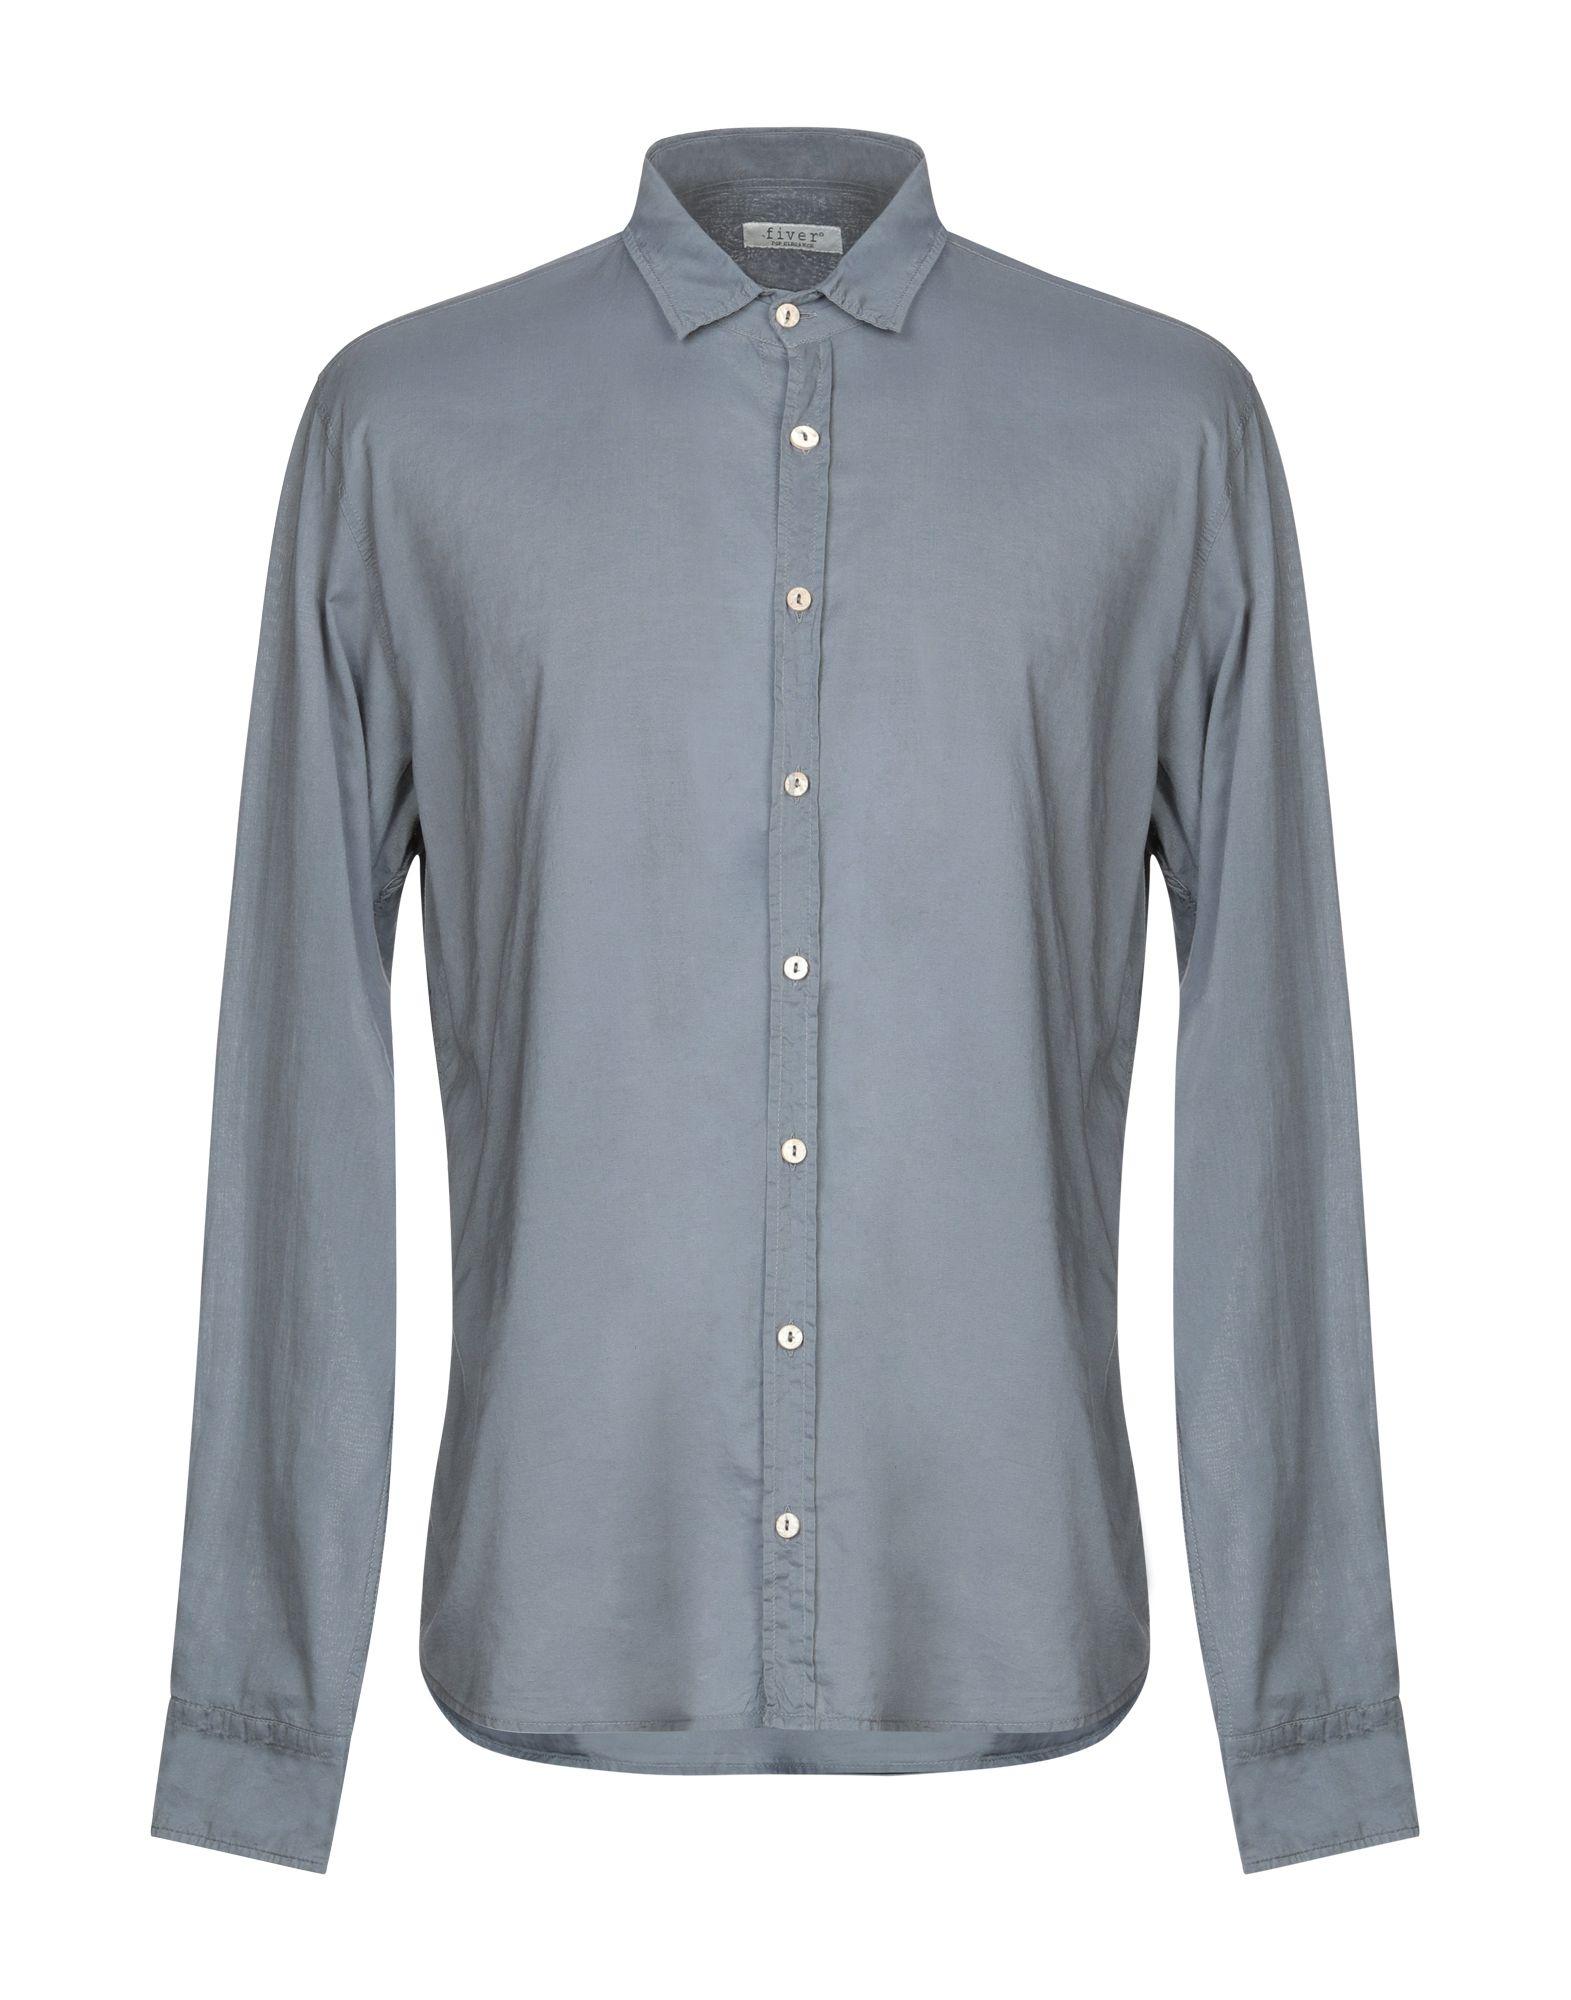 《送料無料》FIVER メンズ シャツ グレー S コットン 100%